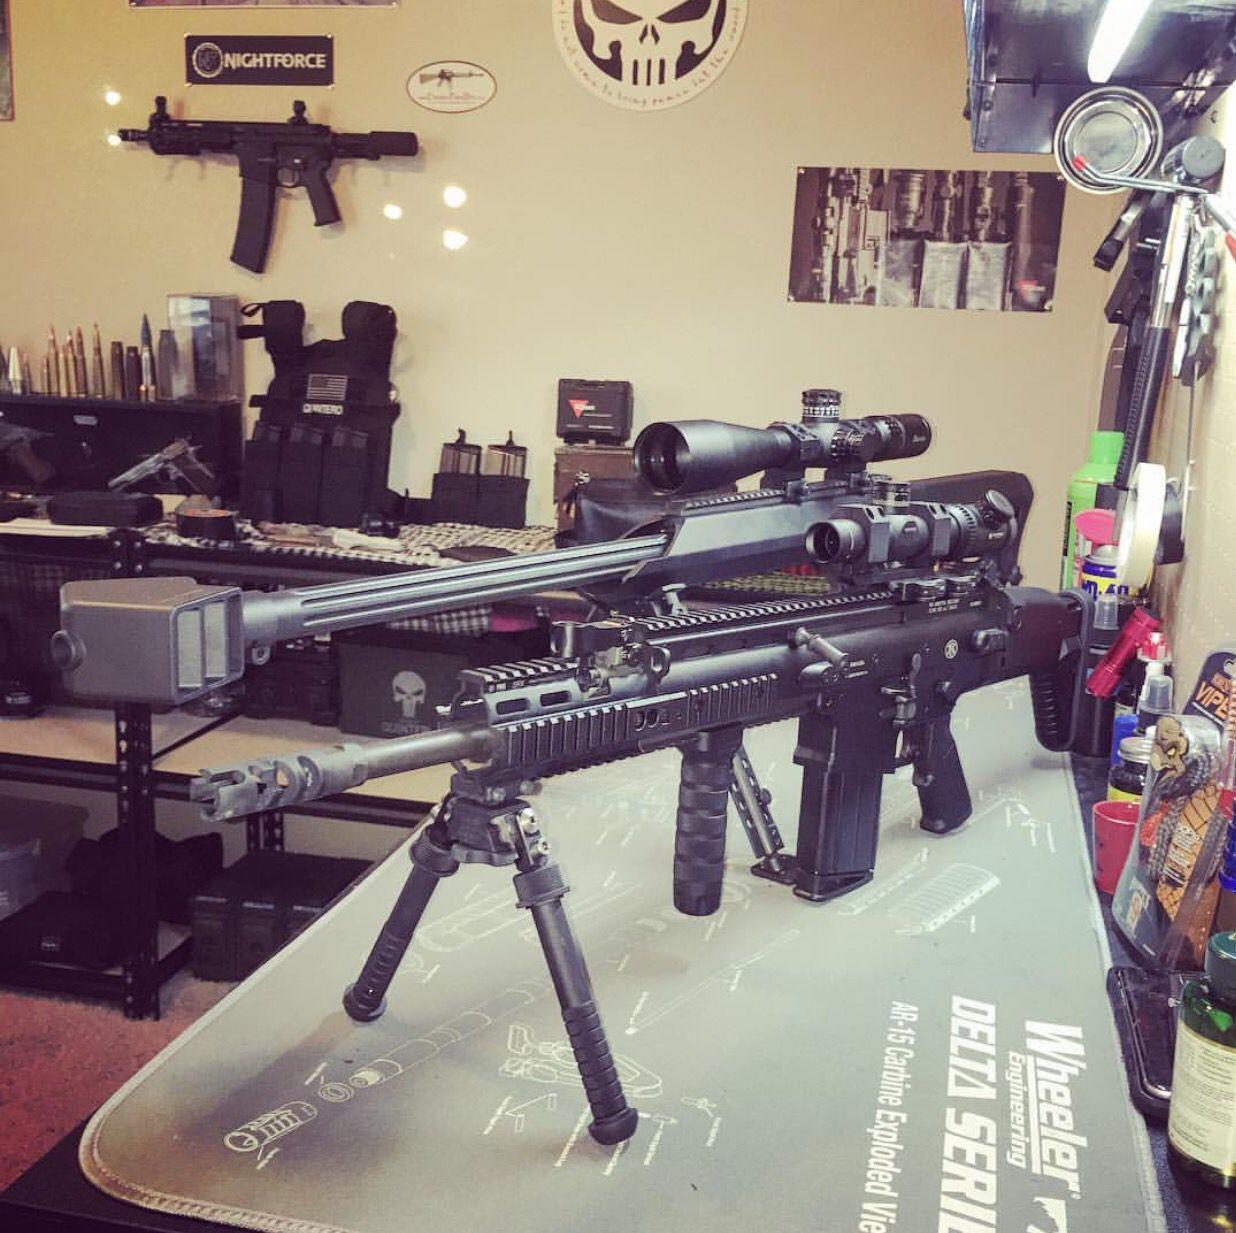 FN Scar 17 7 62x51 Vortex Viper PST Atlas Bipod Barrett M99 50BMG